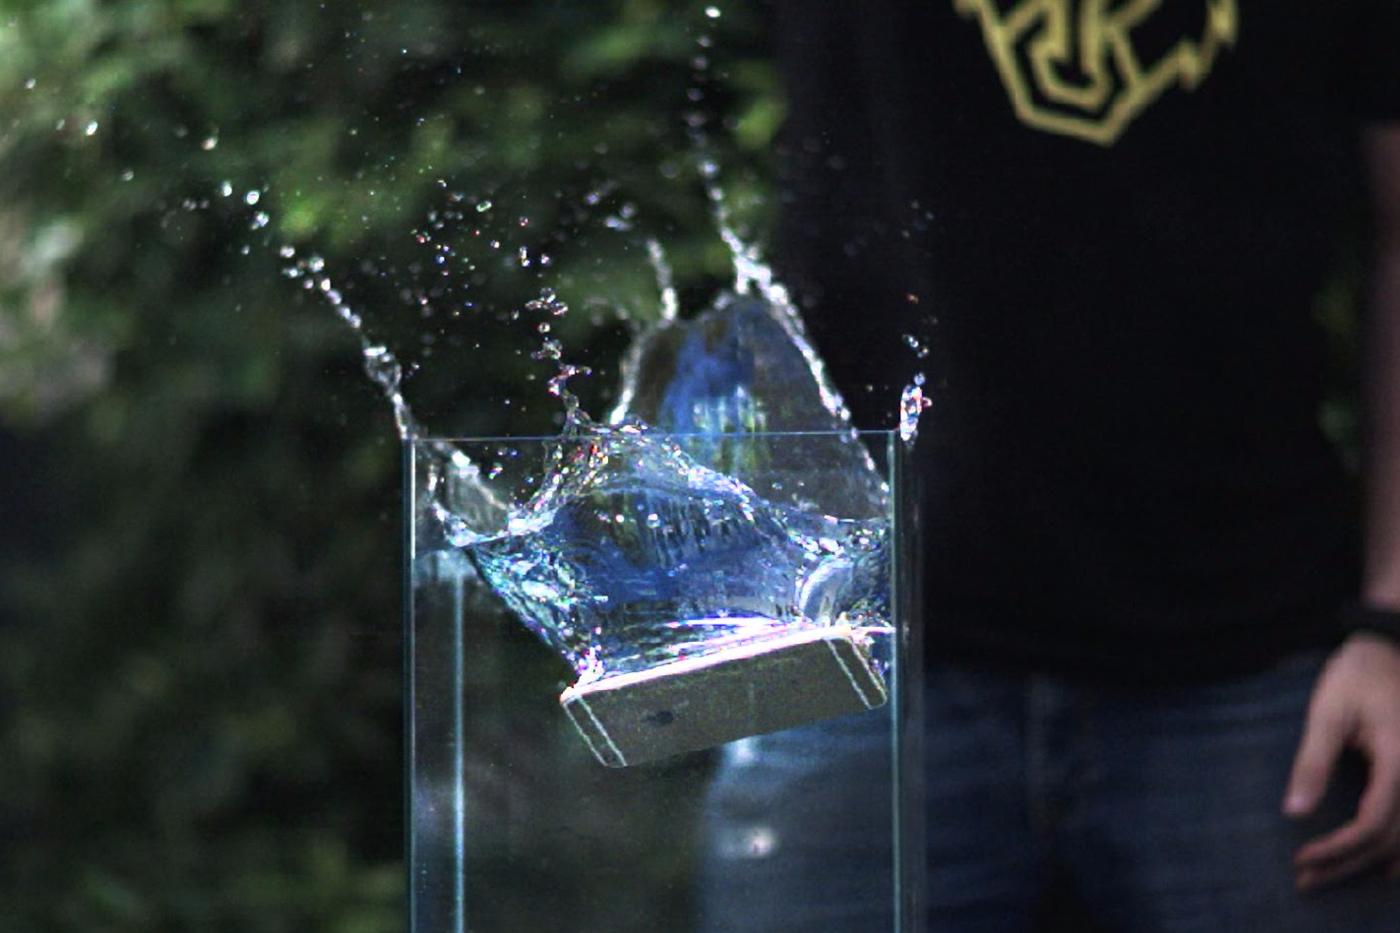 iPhone 7 Plus waterproof BIFL